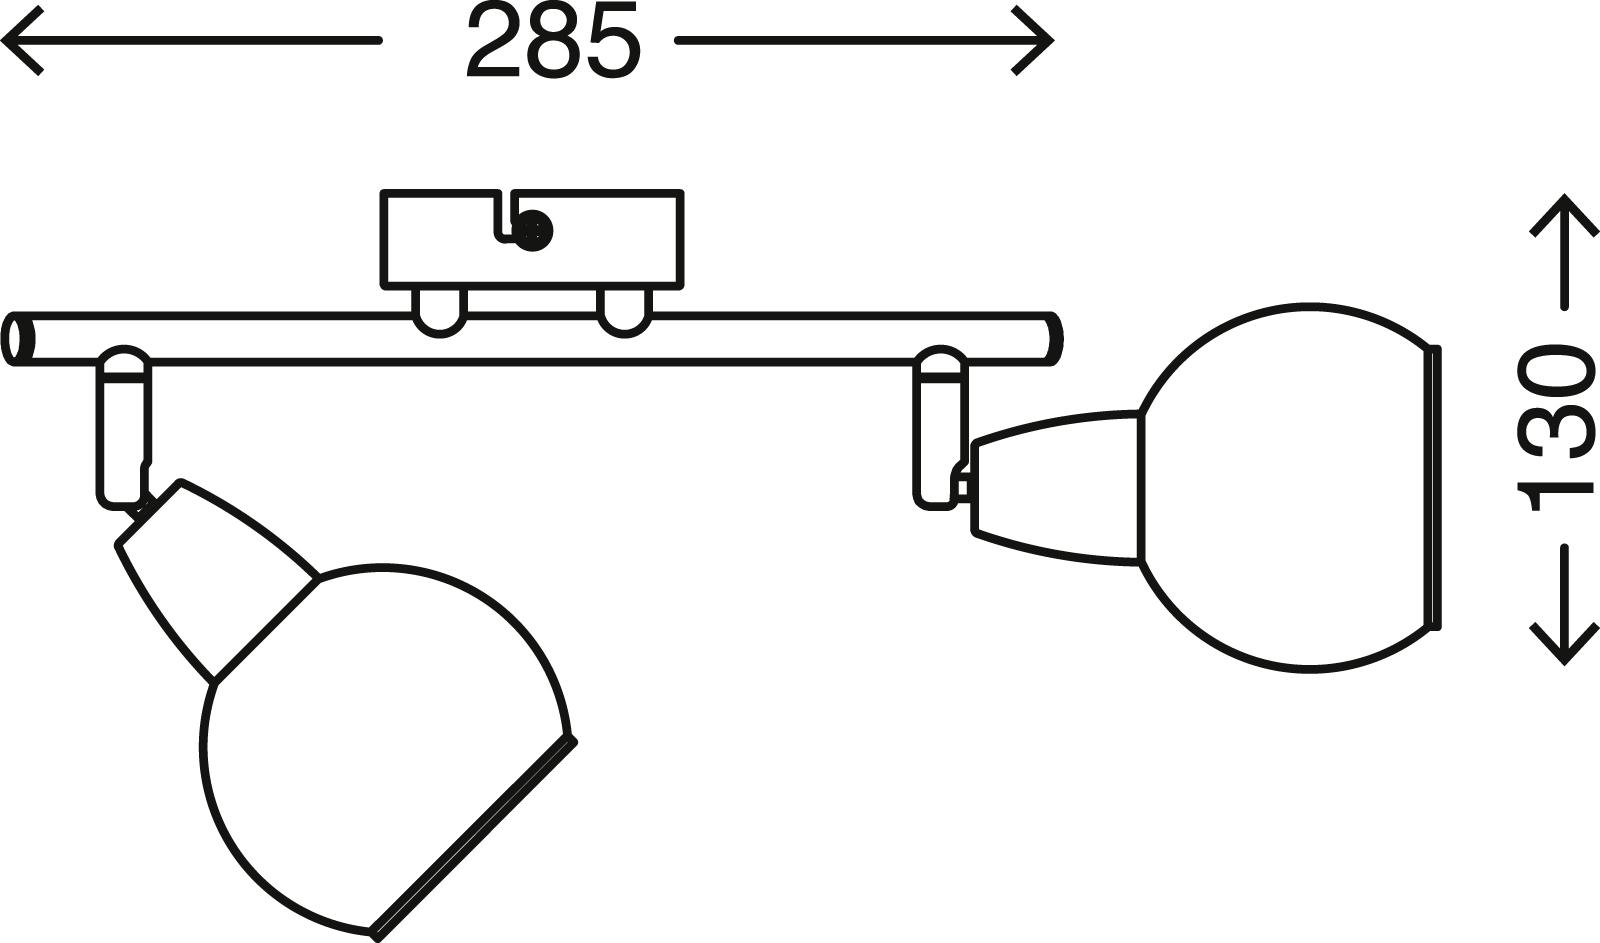 Spot Deckenleuchte, 28,5 cm, max. 40 W, Matt-Nickel-Weiss